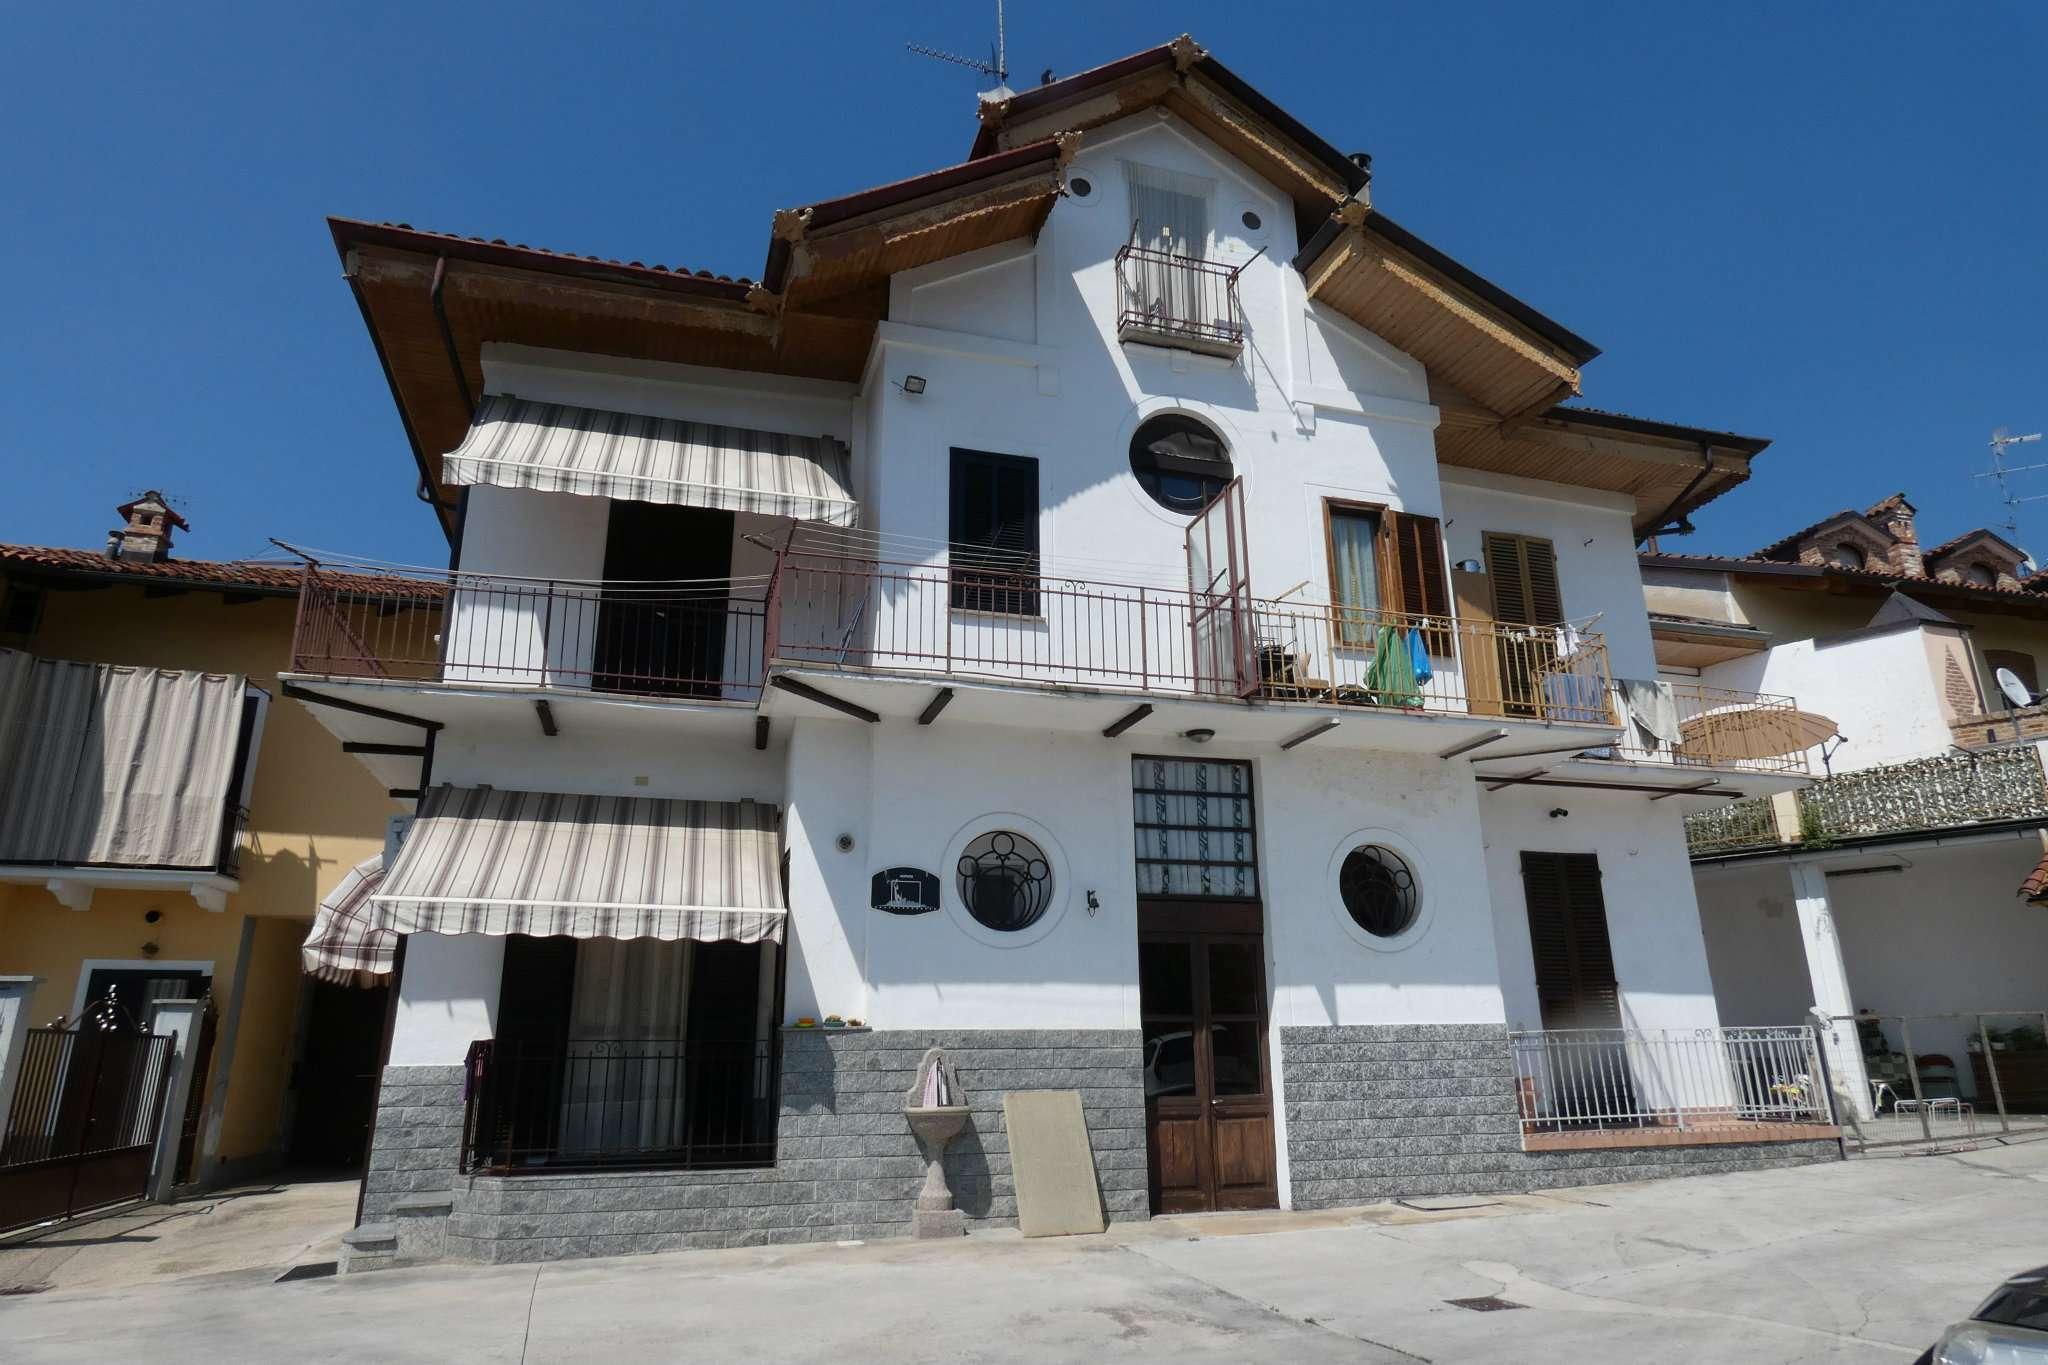 Soluzione Semindipendente in vendita a Bra, 5 locali, prezzo € 270.000 | CambioCasa.it